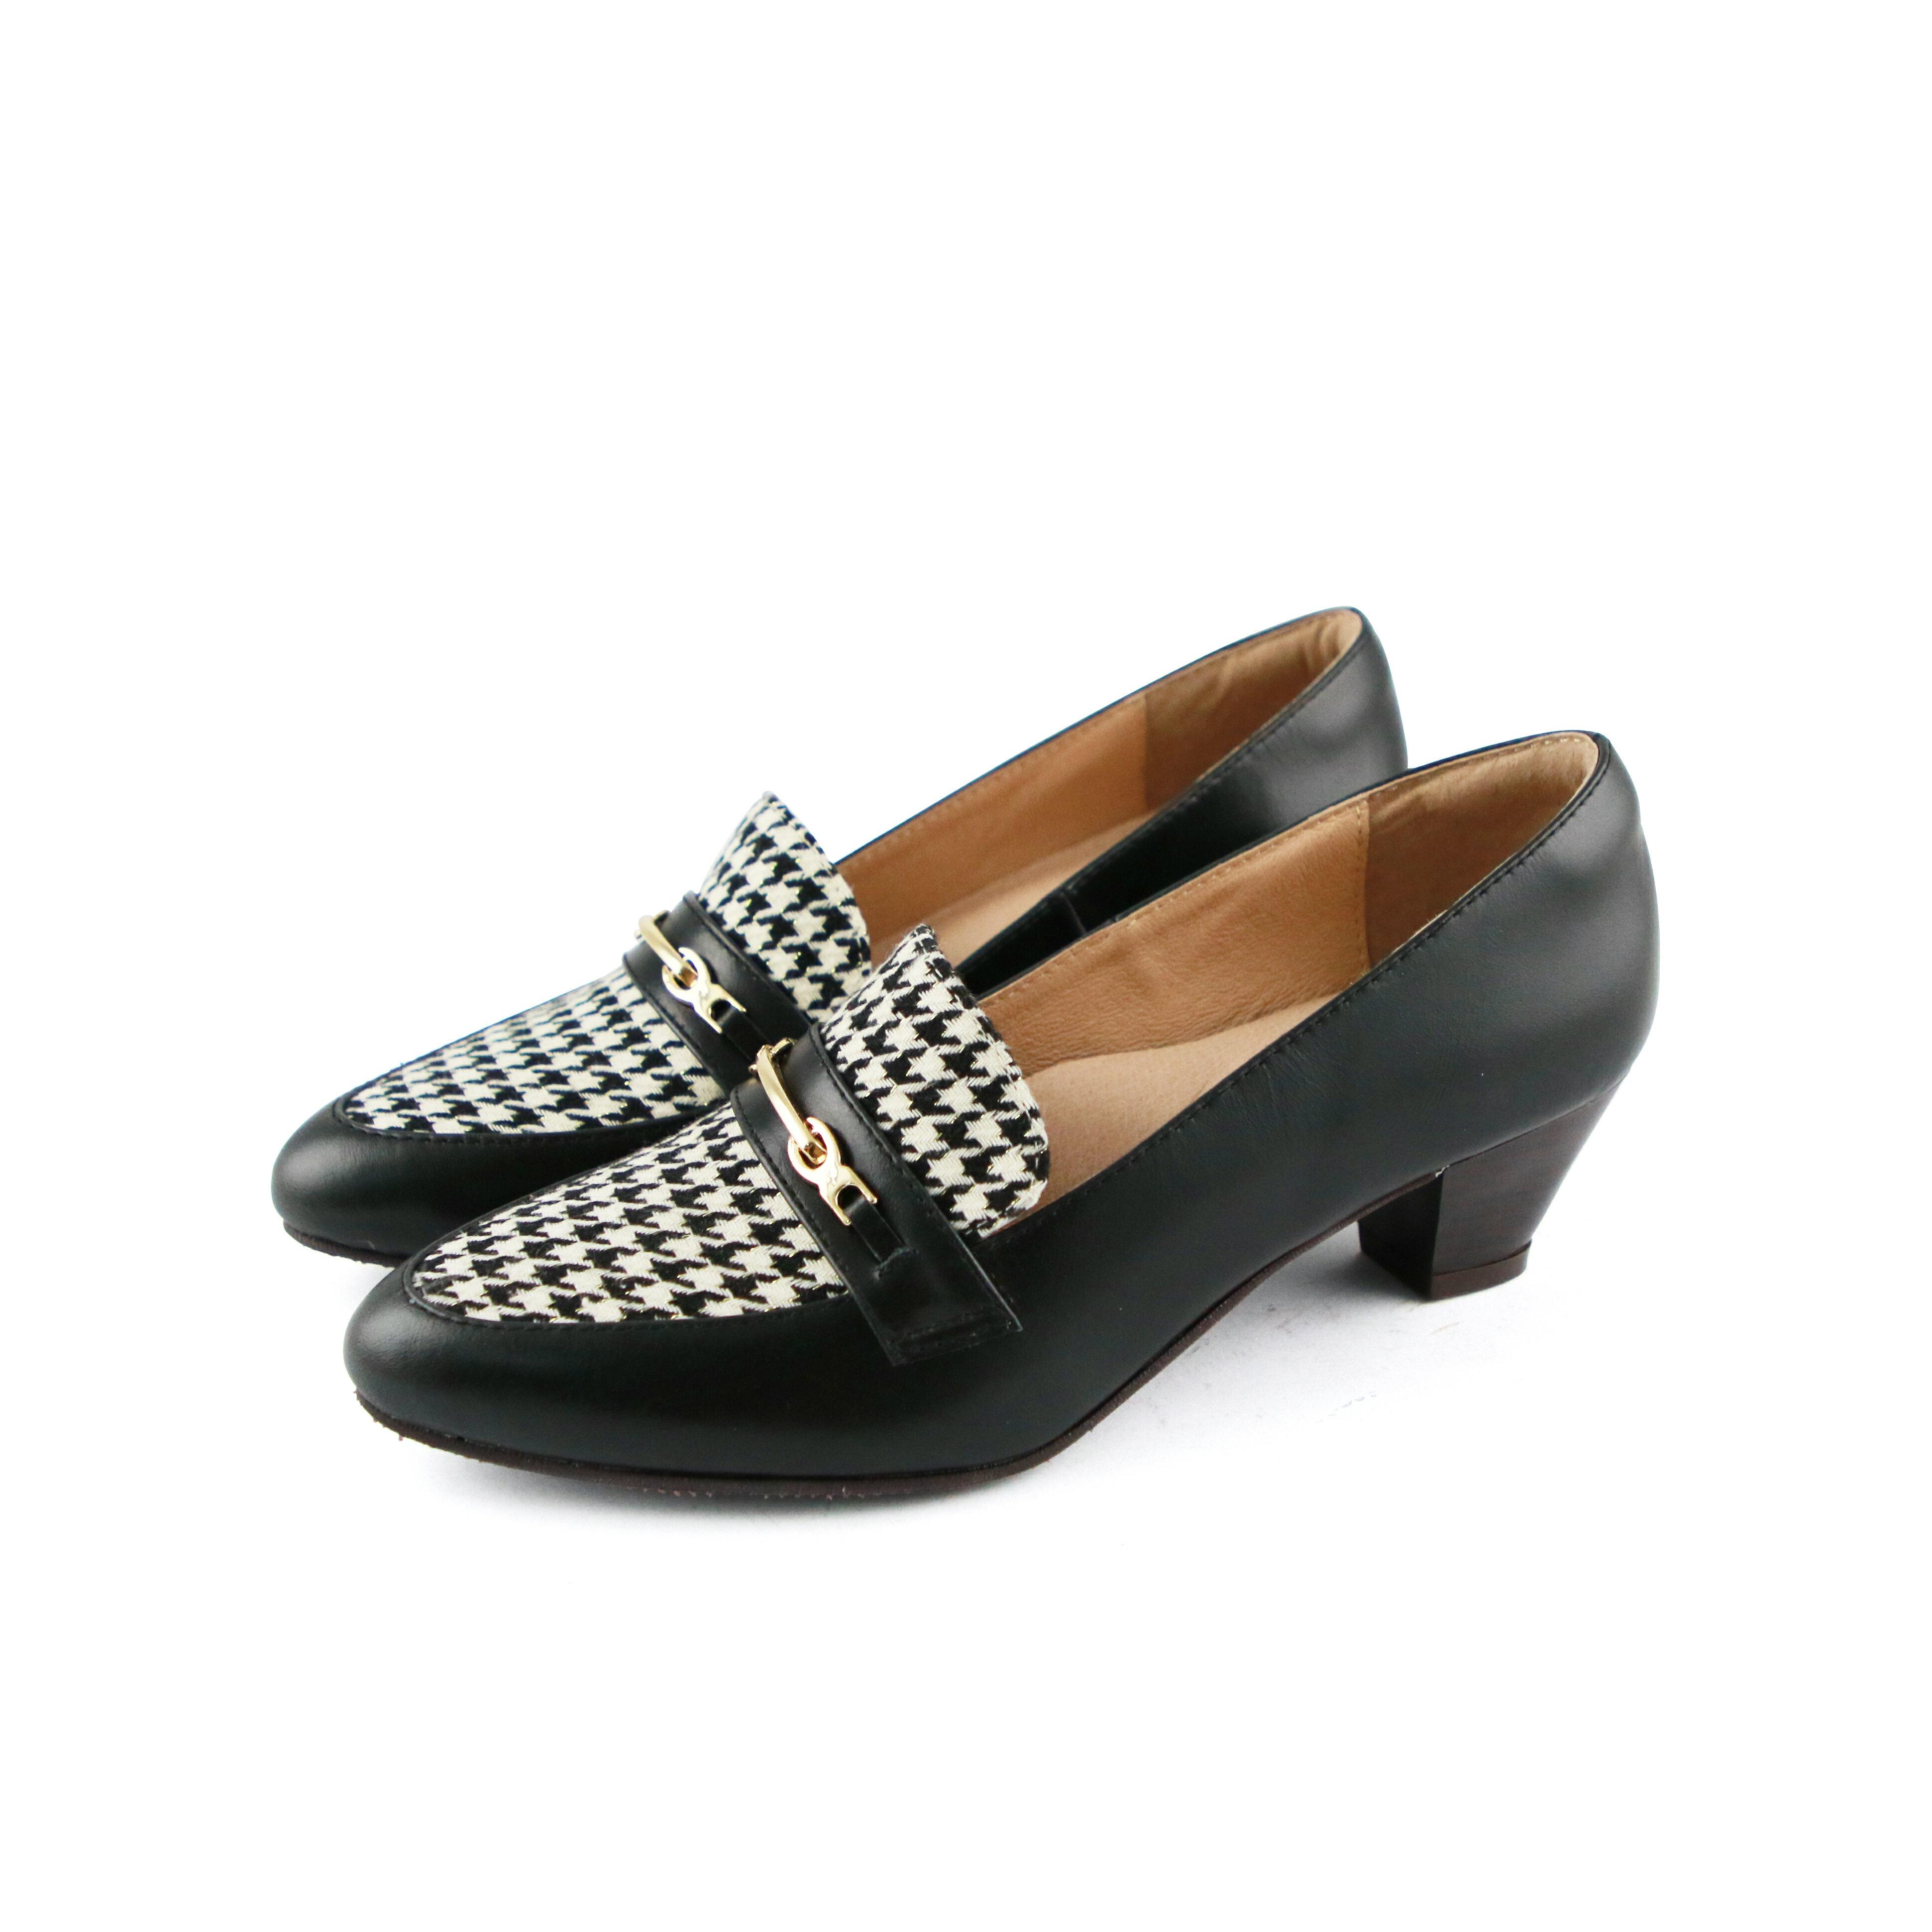 【P2-19131L】飾扣真皮樂福跟鞋_Shoes Party 6